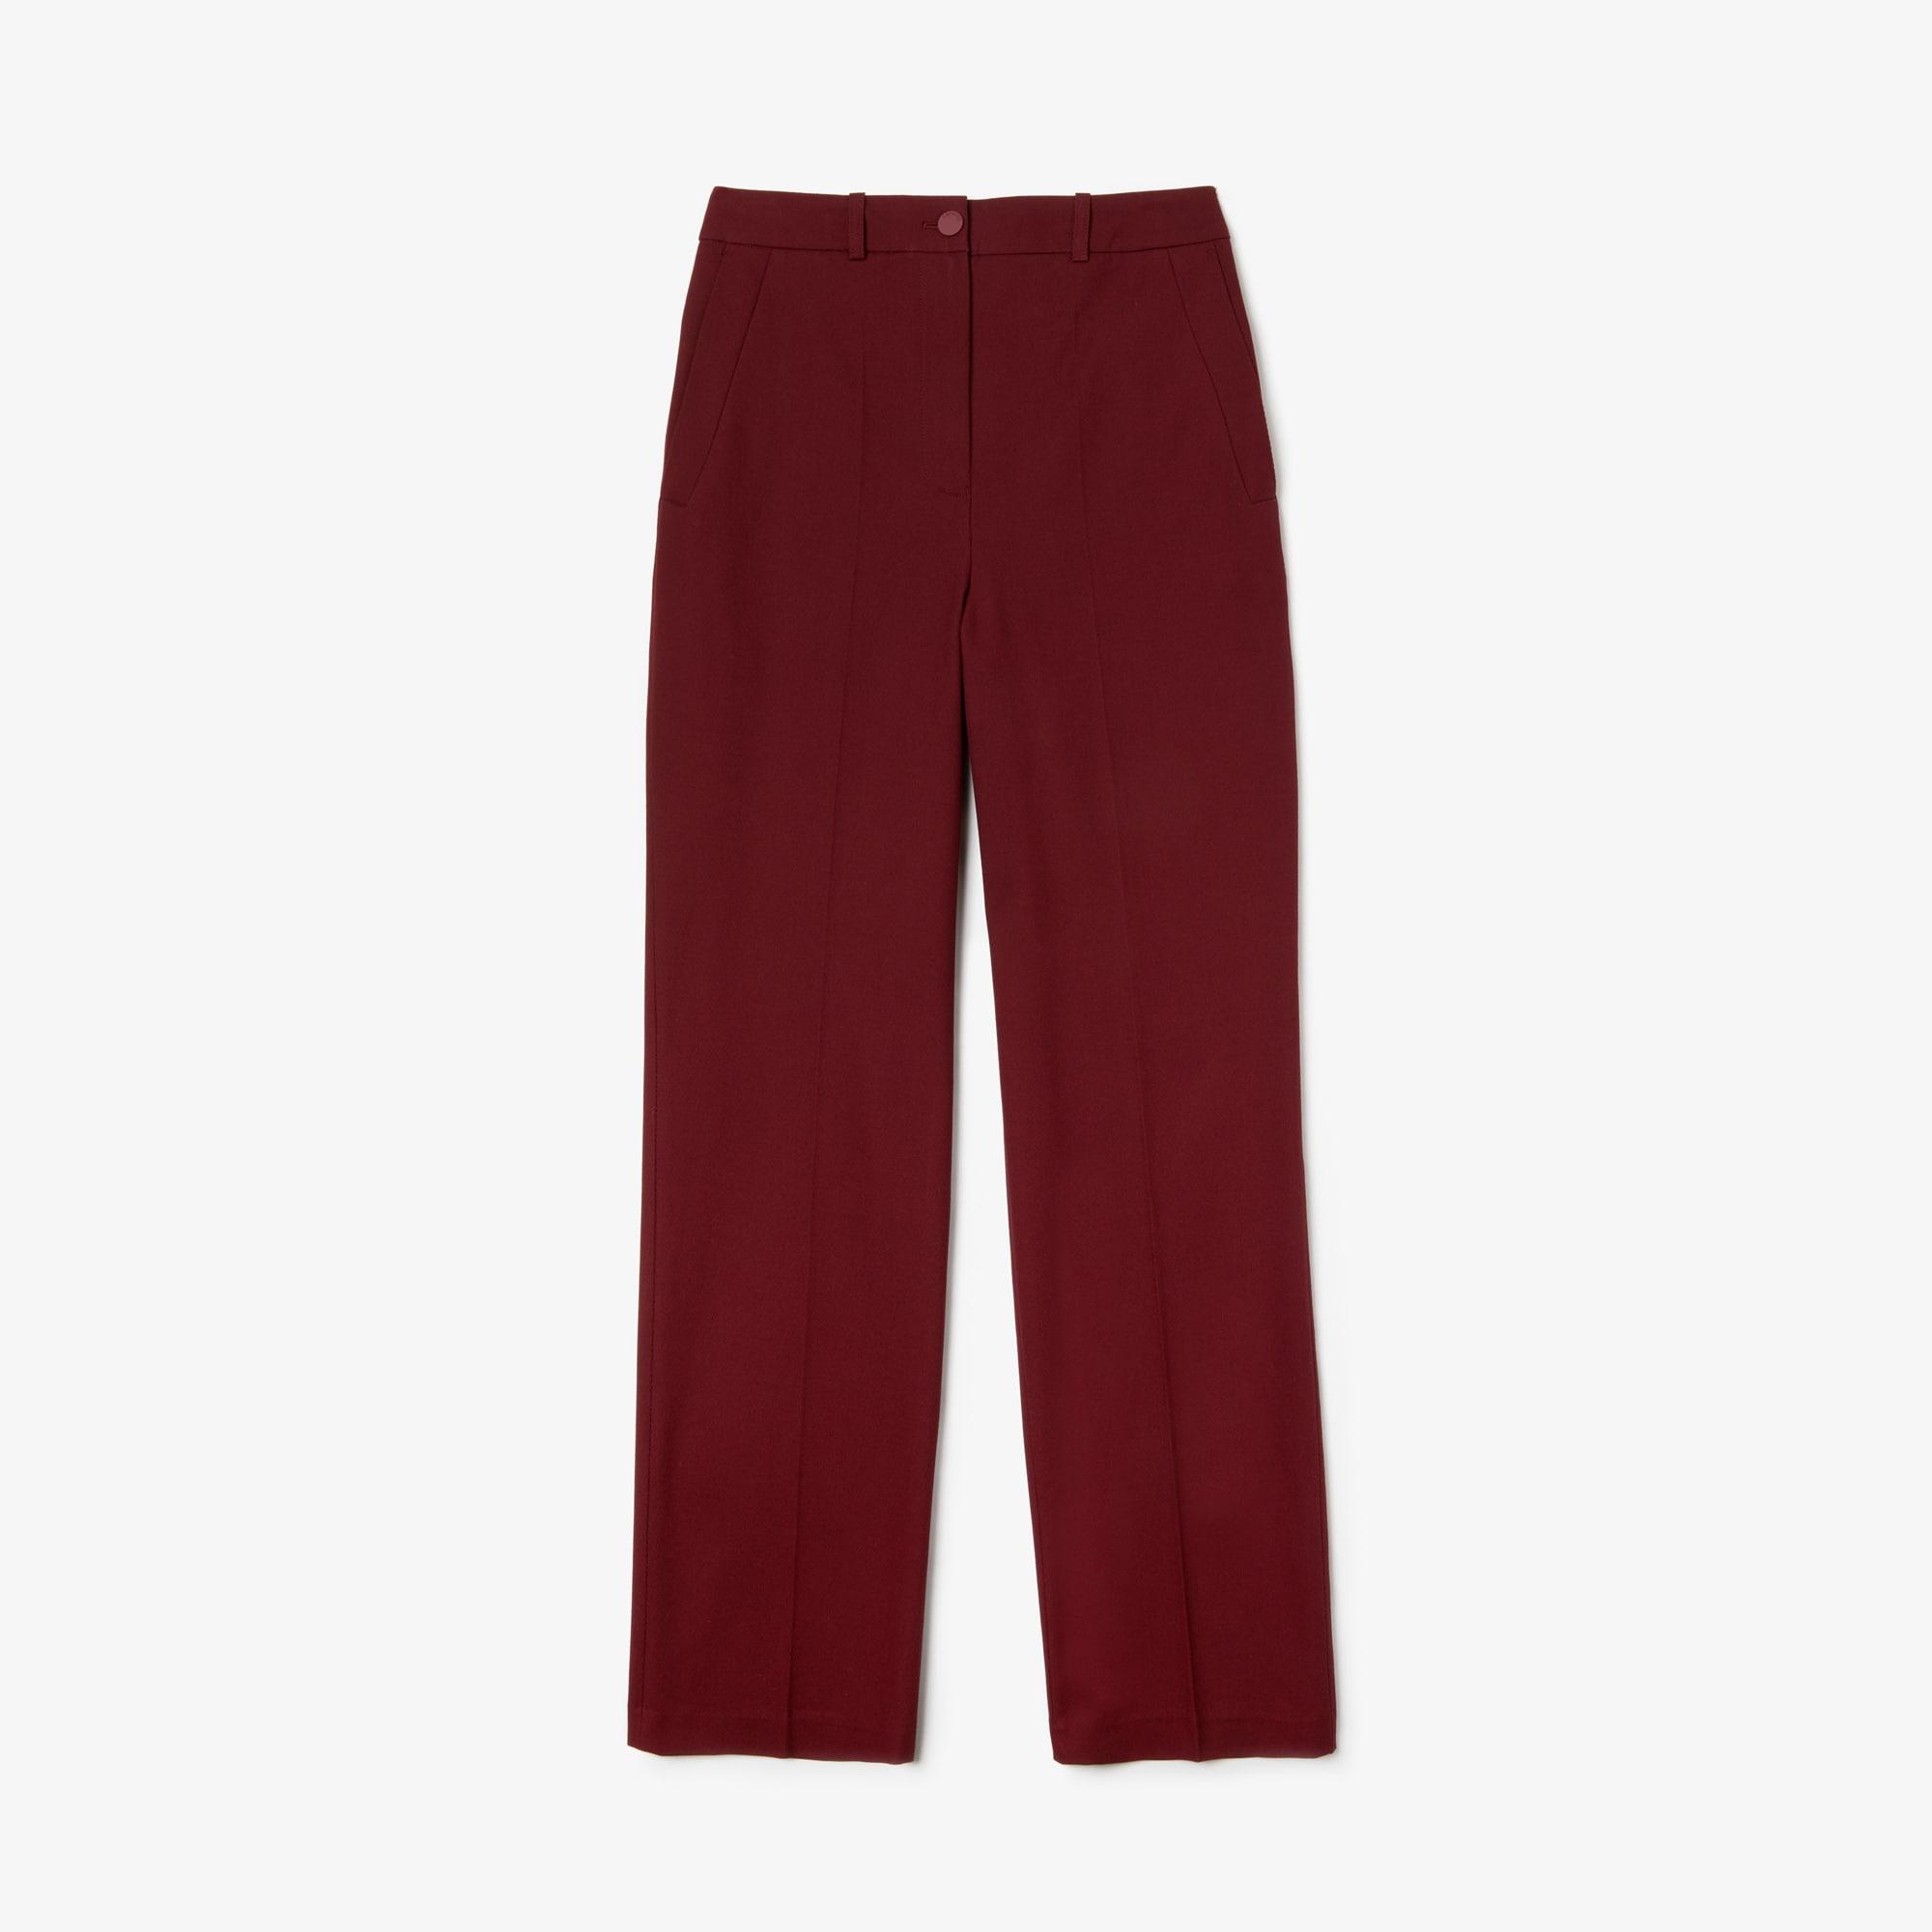 1ee5b2c7e9942 Pantalons & Shorts | Vêtements Femme | LACOSTE